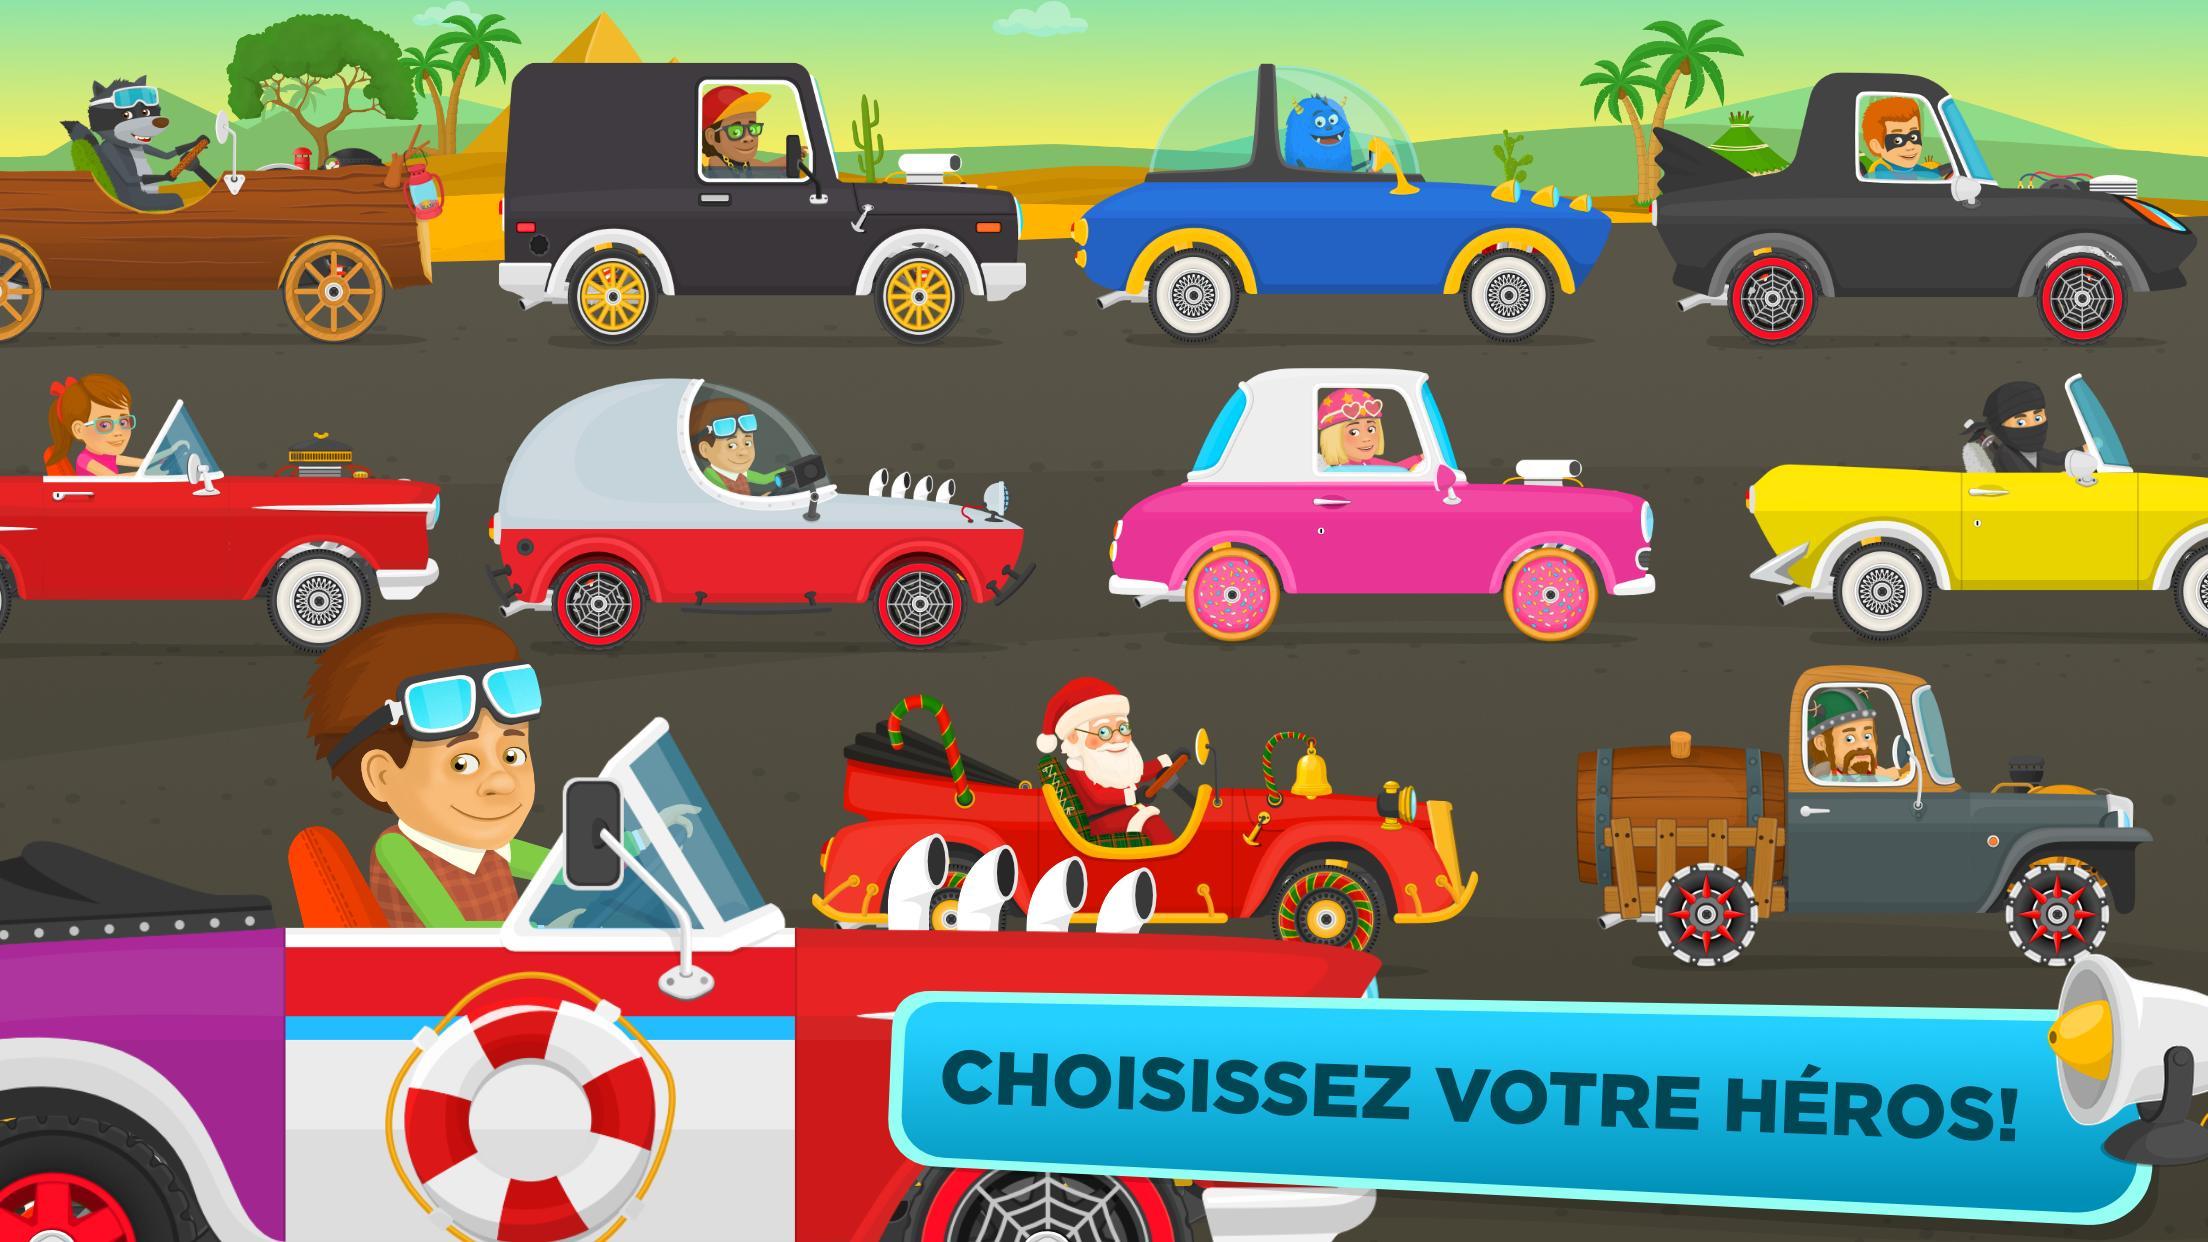 Jeu De Voiture Gratuit Pour Les Enfants - Courses Pour pour Jeux De Voiture Gratuit Pour Enfan